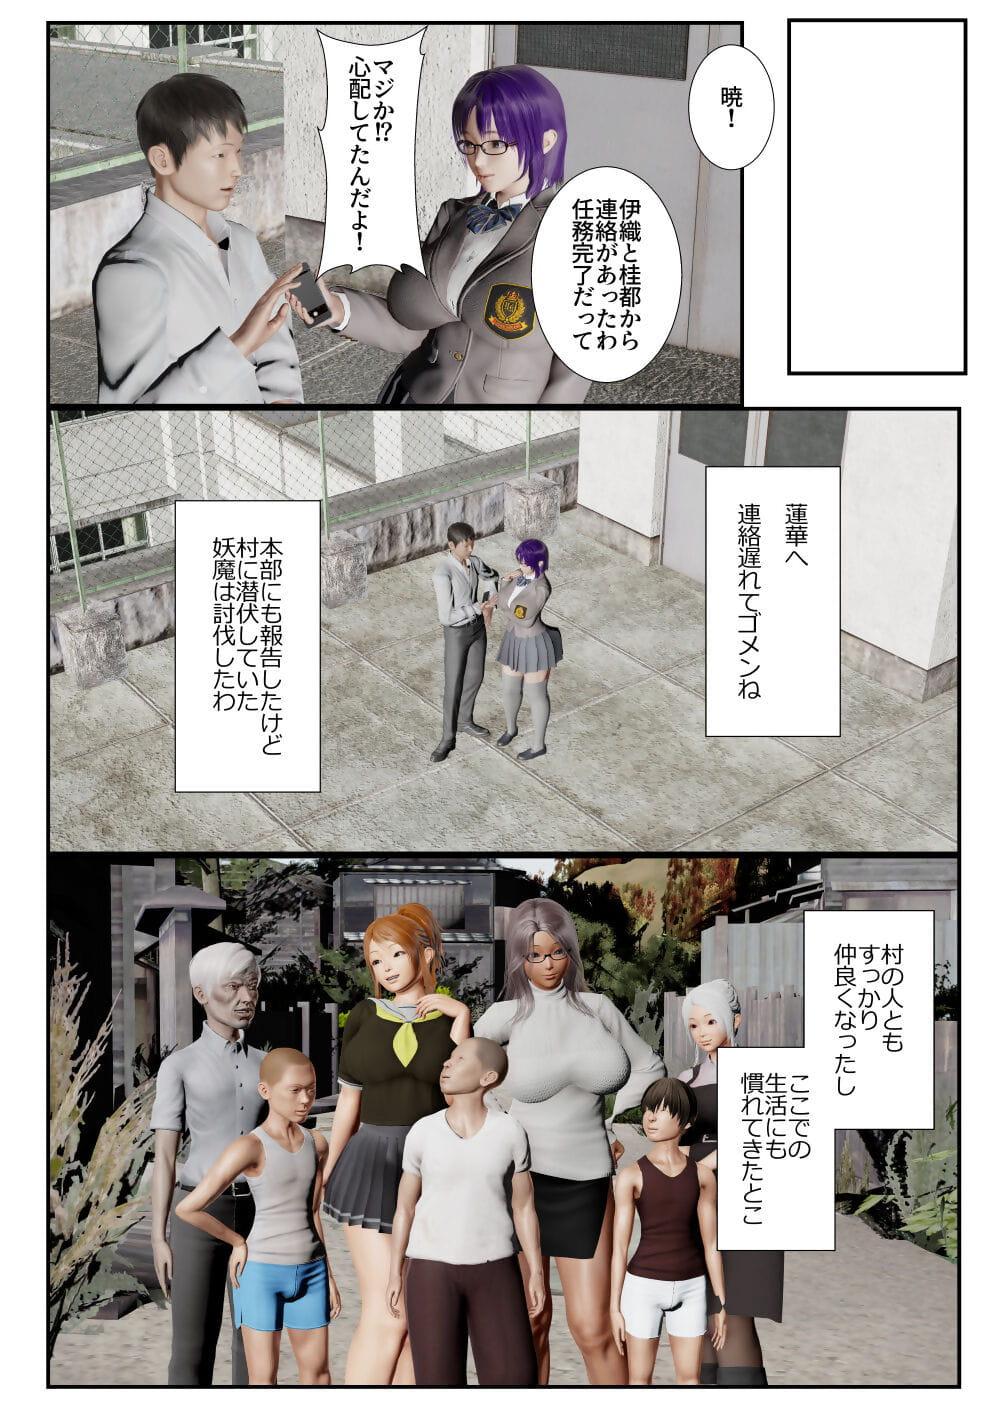 Goriramu Touma kenshi shiriizu Vampire Swordsman Gyve - accoutrement 6